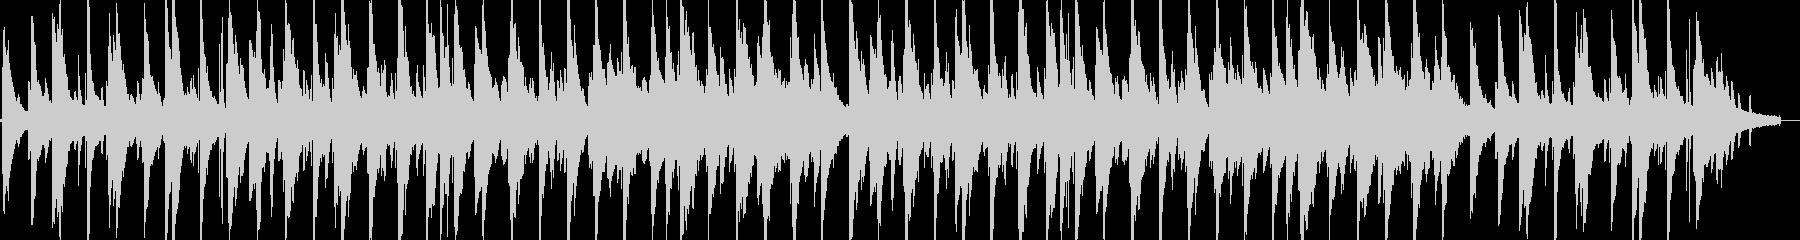 しっとり冬のジャズピアノの未再生の波形